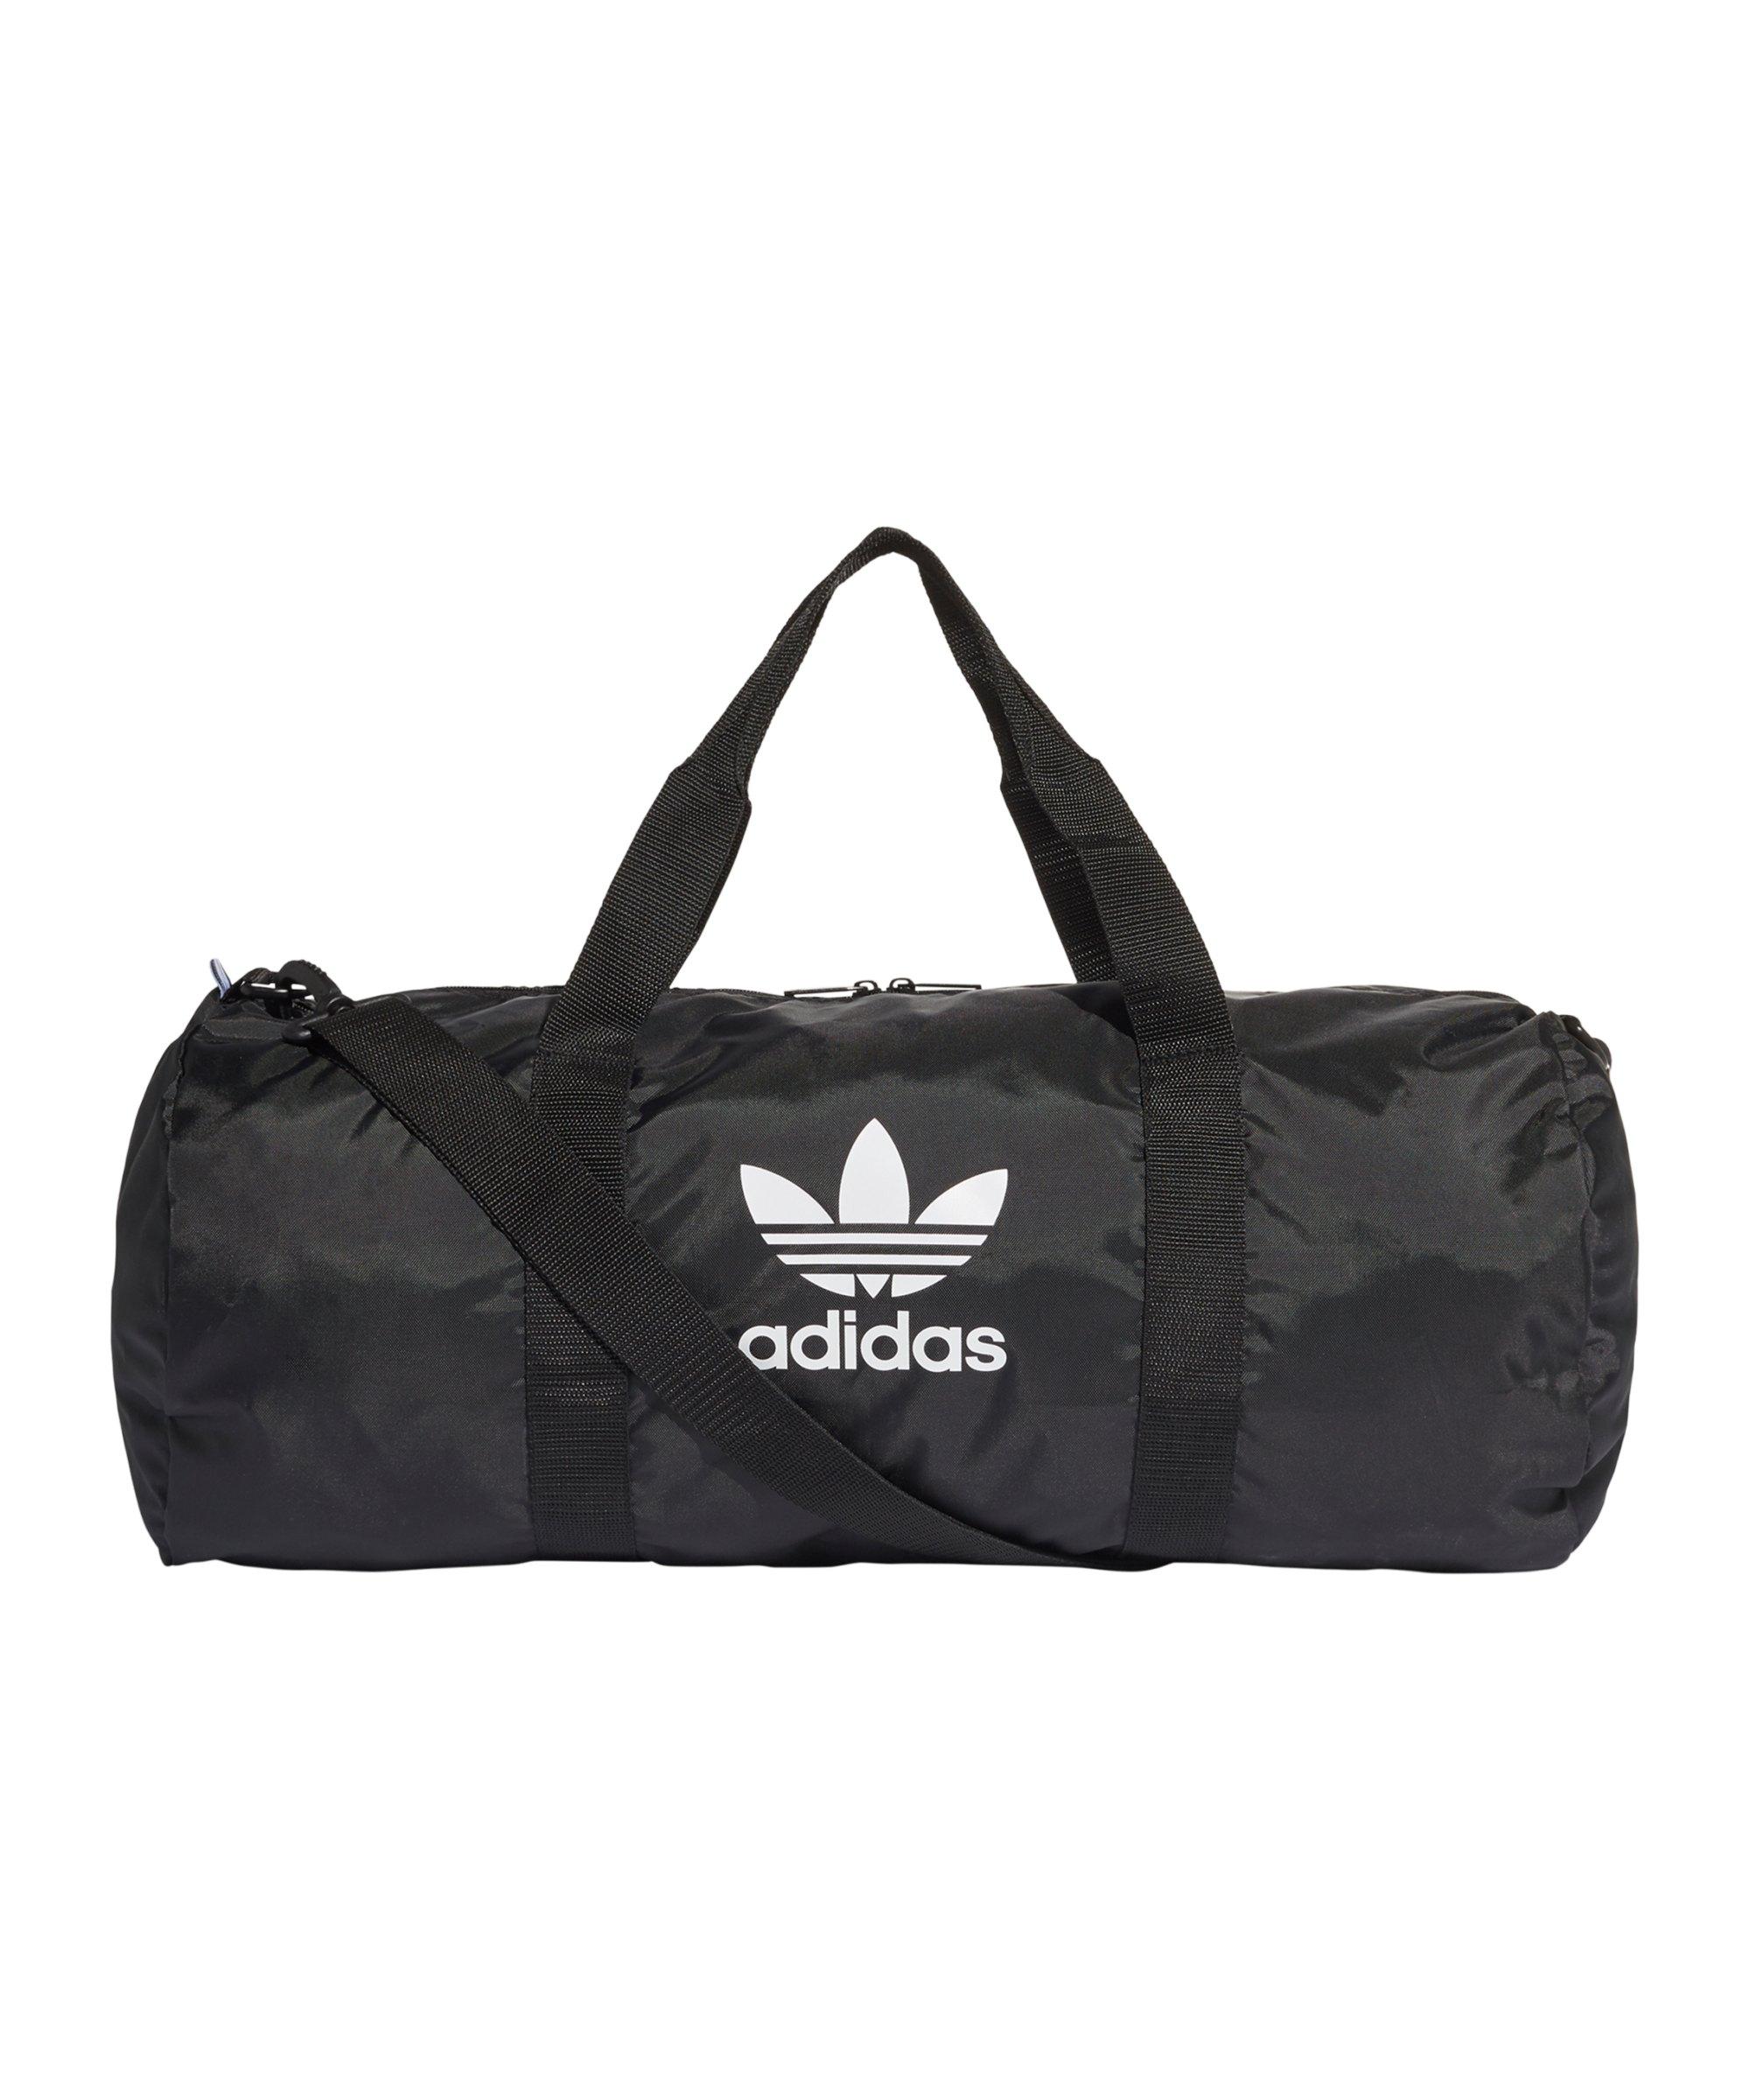 adidas Originals AC Duffle Tasche Schwarz